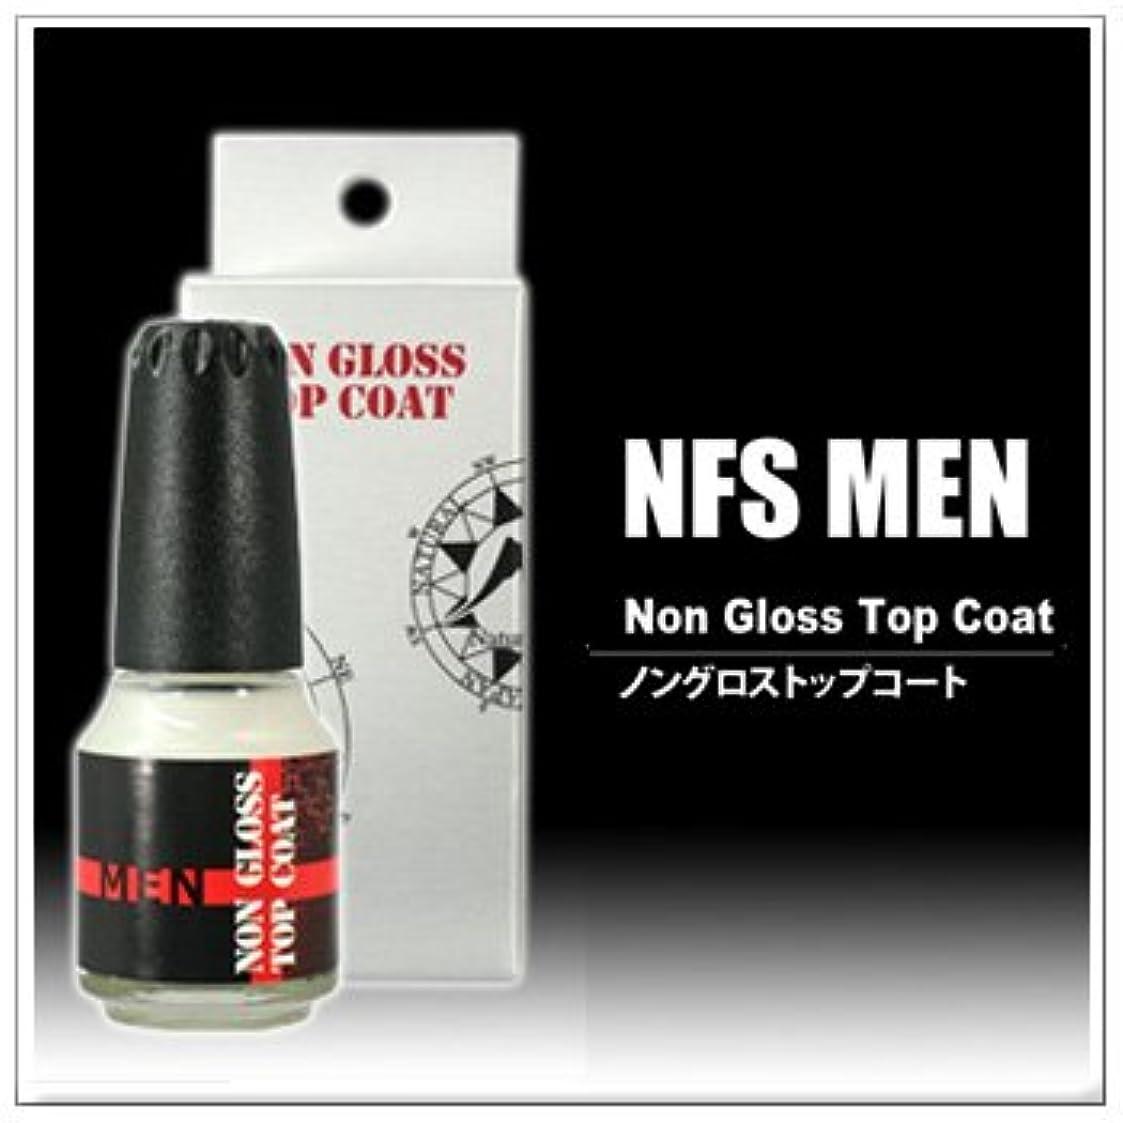 爪感謝するアシスタントNFS MEN ノングロストップコート